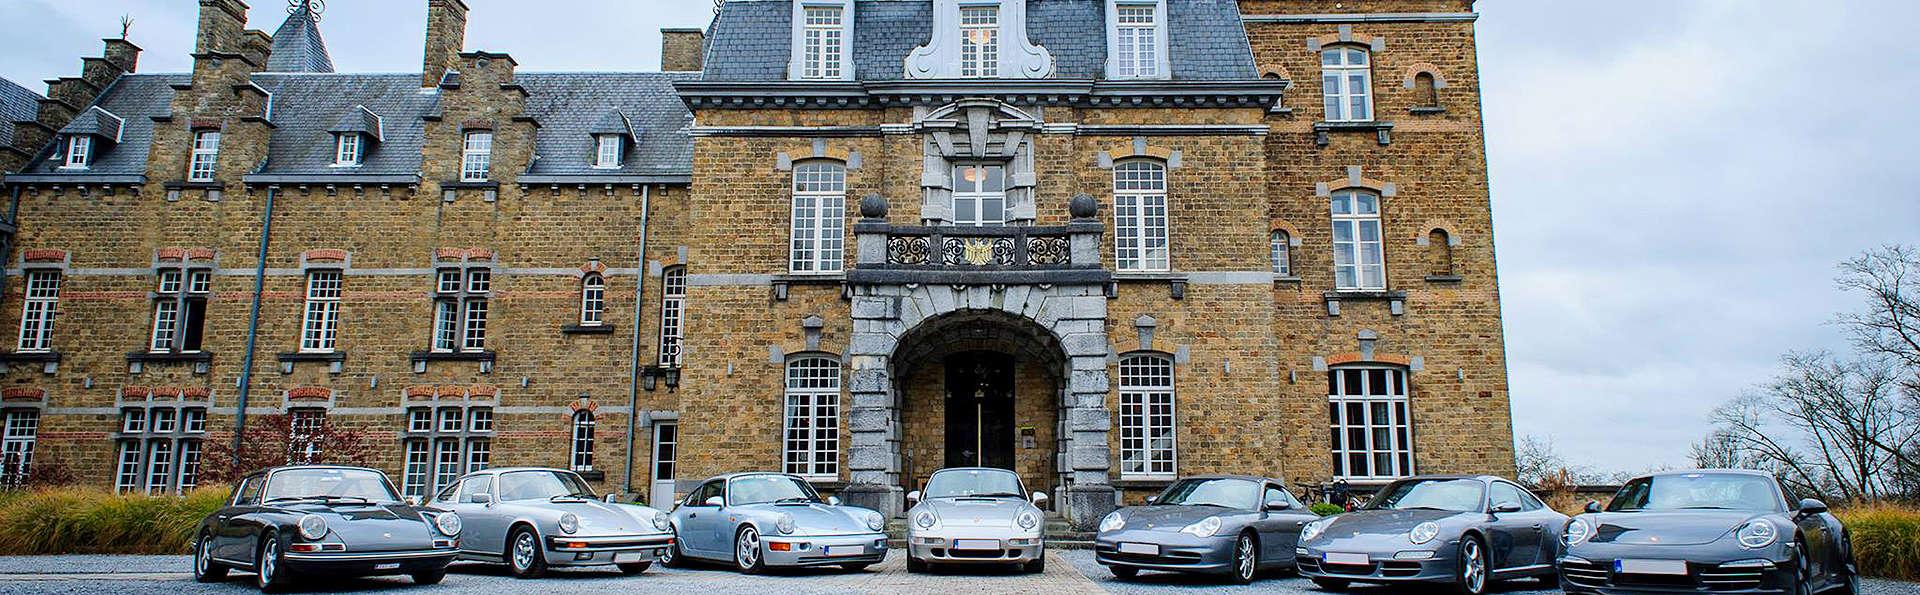 Château de la Poste - EDIT_Exterior3.jpg